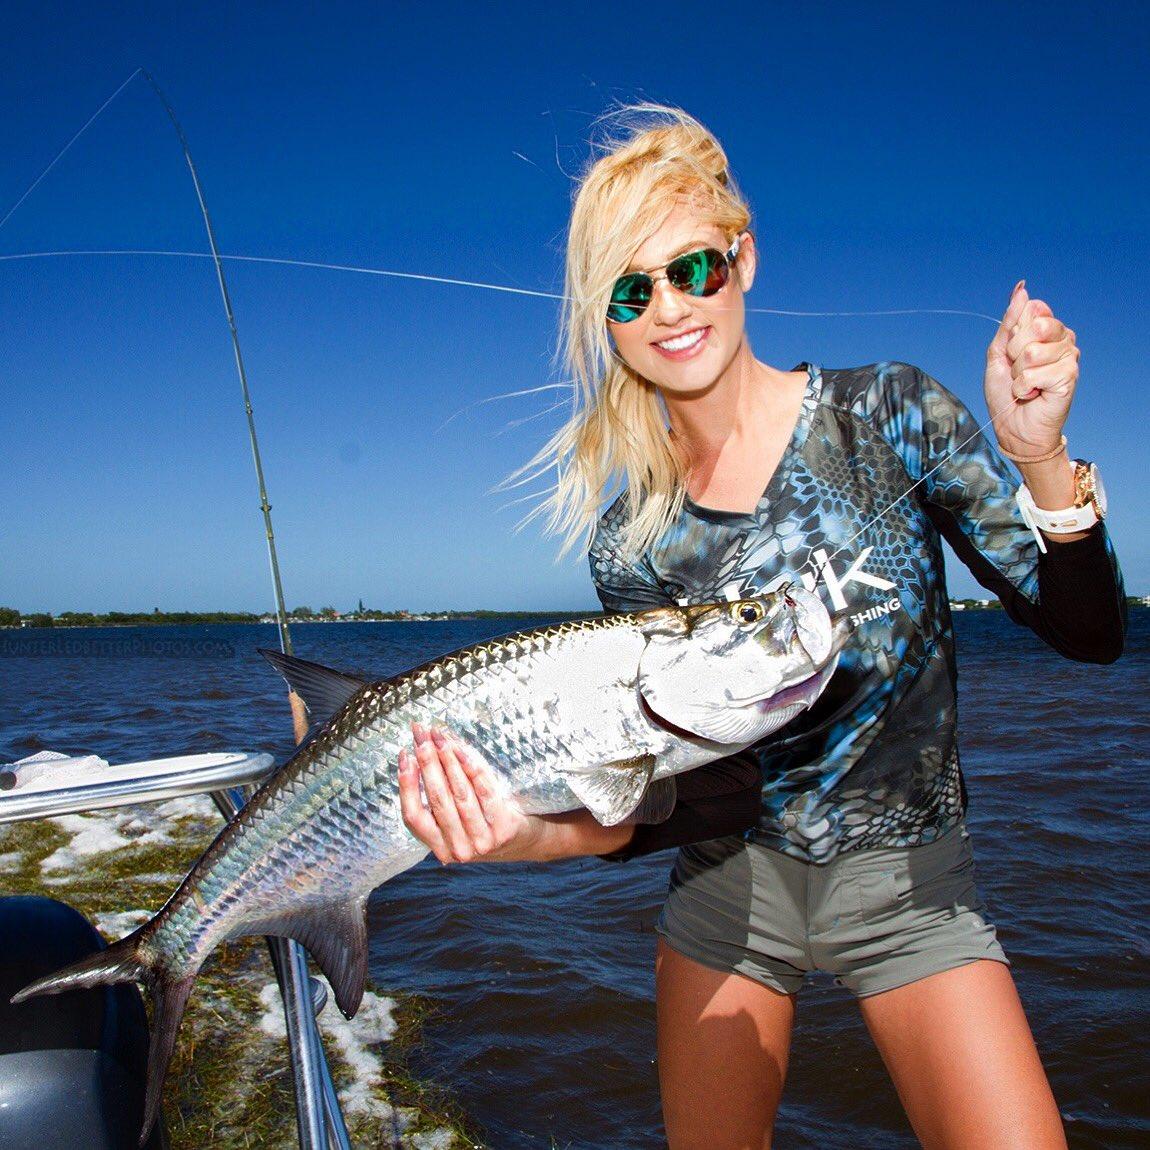 Keith gordon keithgordon7 twitter for Brooke thomas fishing